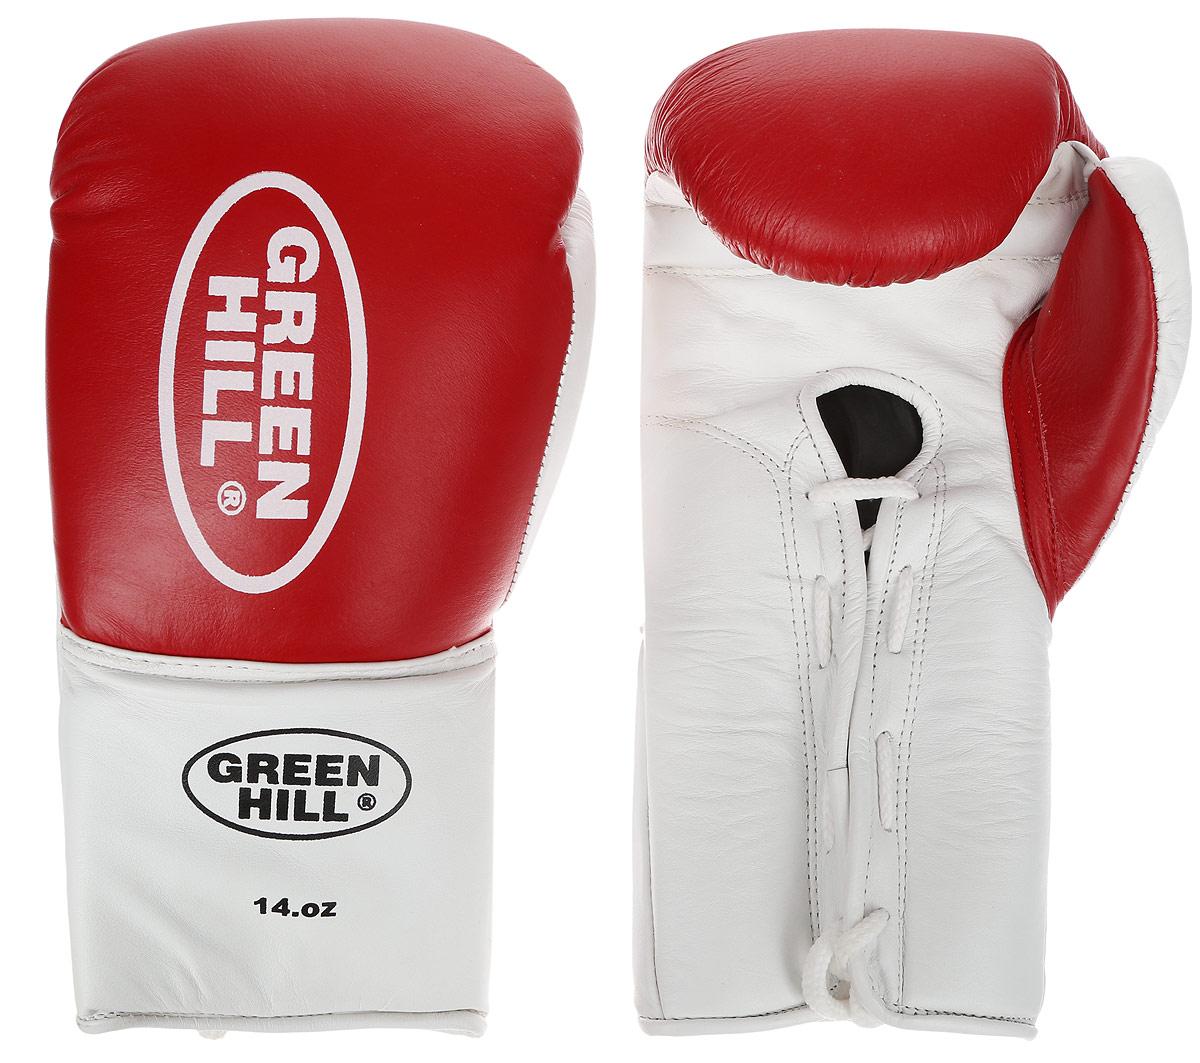 Перчатки боксерские Green Hill Proffi, цвет: красный, белый. Вес 14 унций. BGP-2014BGP-2014Боксерские перчатки Green Hill Proffi предназначены для использования профессионалами. Верх выполнен из натуральной кожи, наполнитель - из вспененного полимера. Отверстие в области ладони позволяет создать максимально комфортный терморежим во время занятий. Манжет на шнуровке способствует быстрому и удобному надеванию перчаток, плотно фиксирует перчатки на руке.